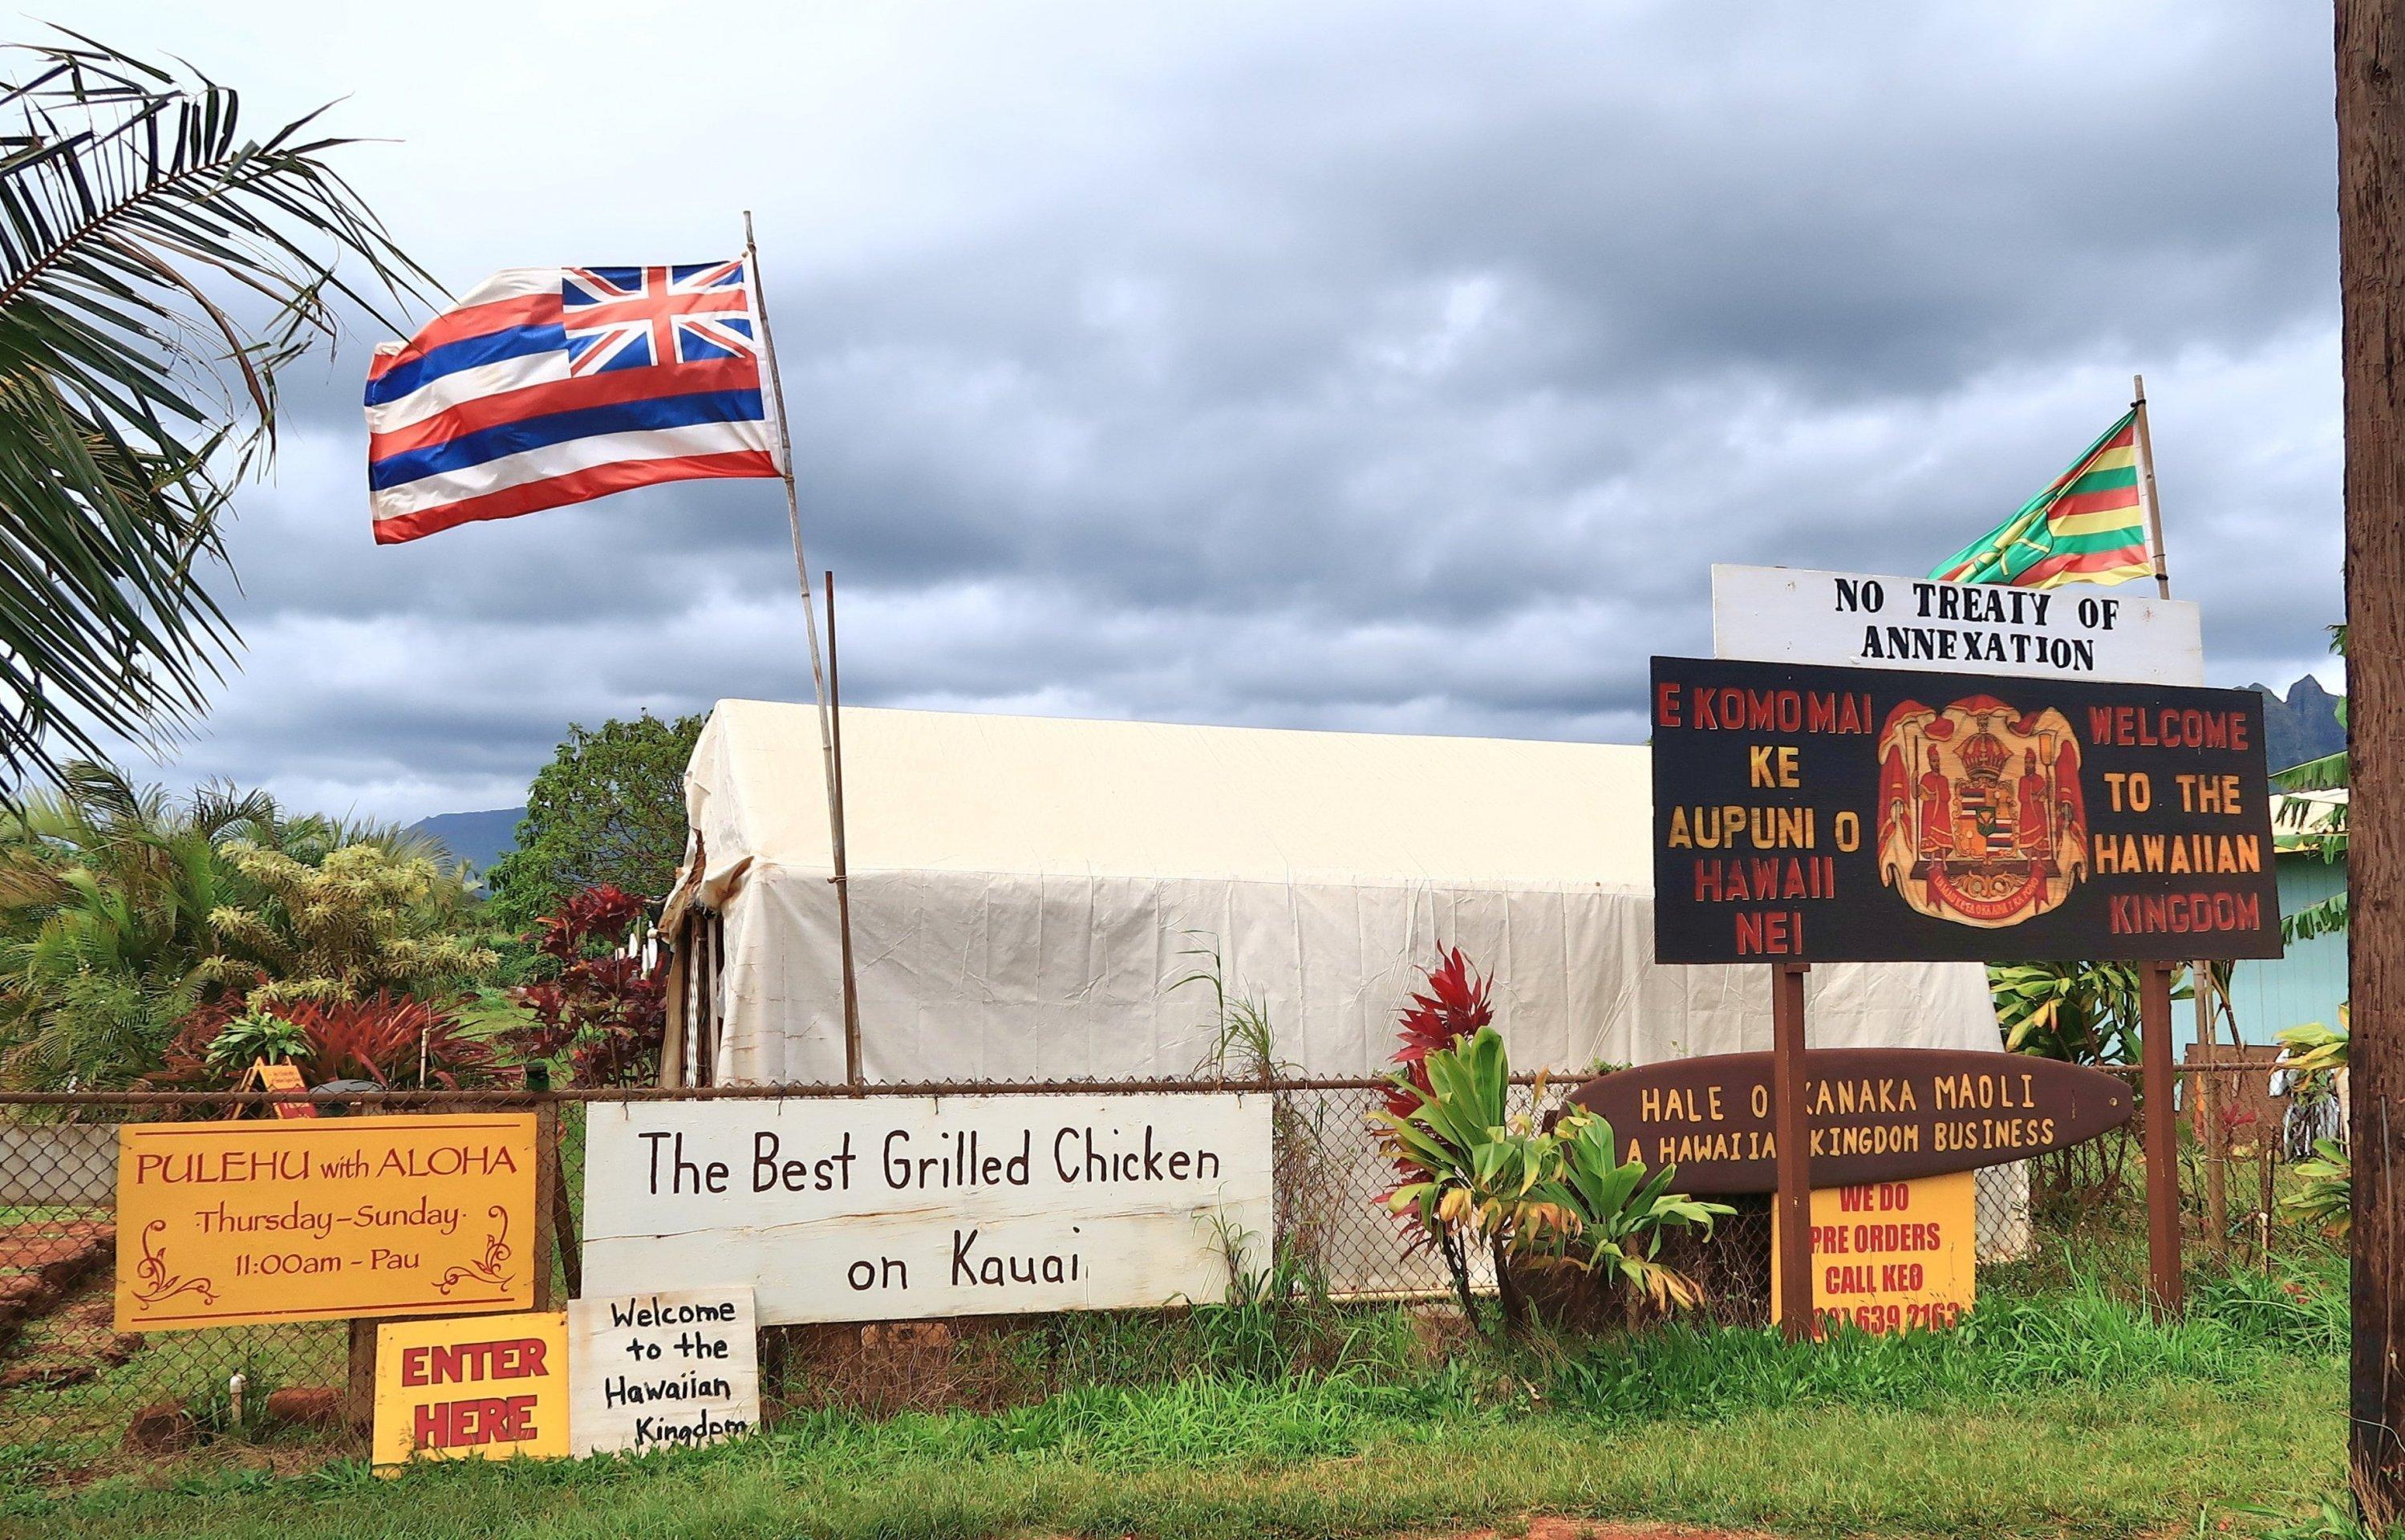 Ein Zaun mit Schildern, dahinter ein Zelt und Flaggen.